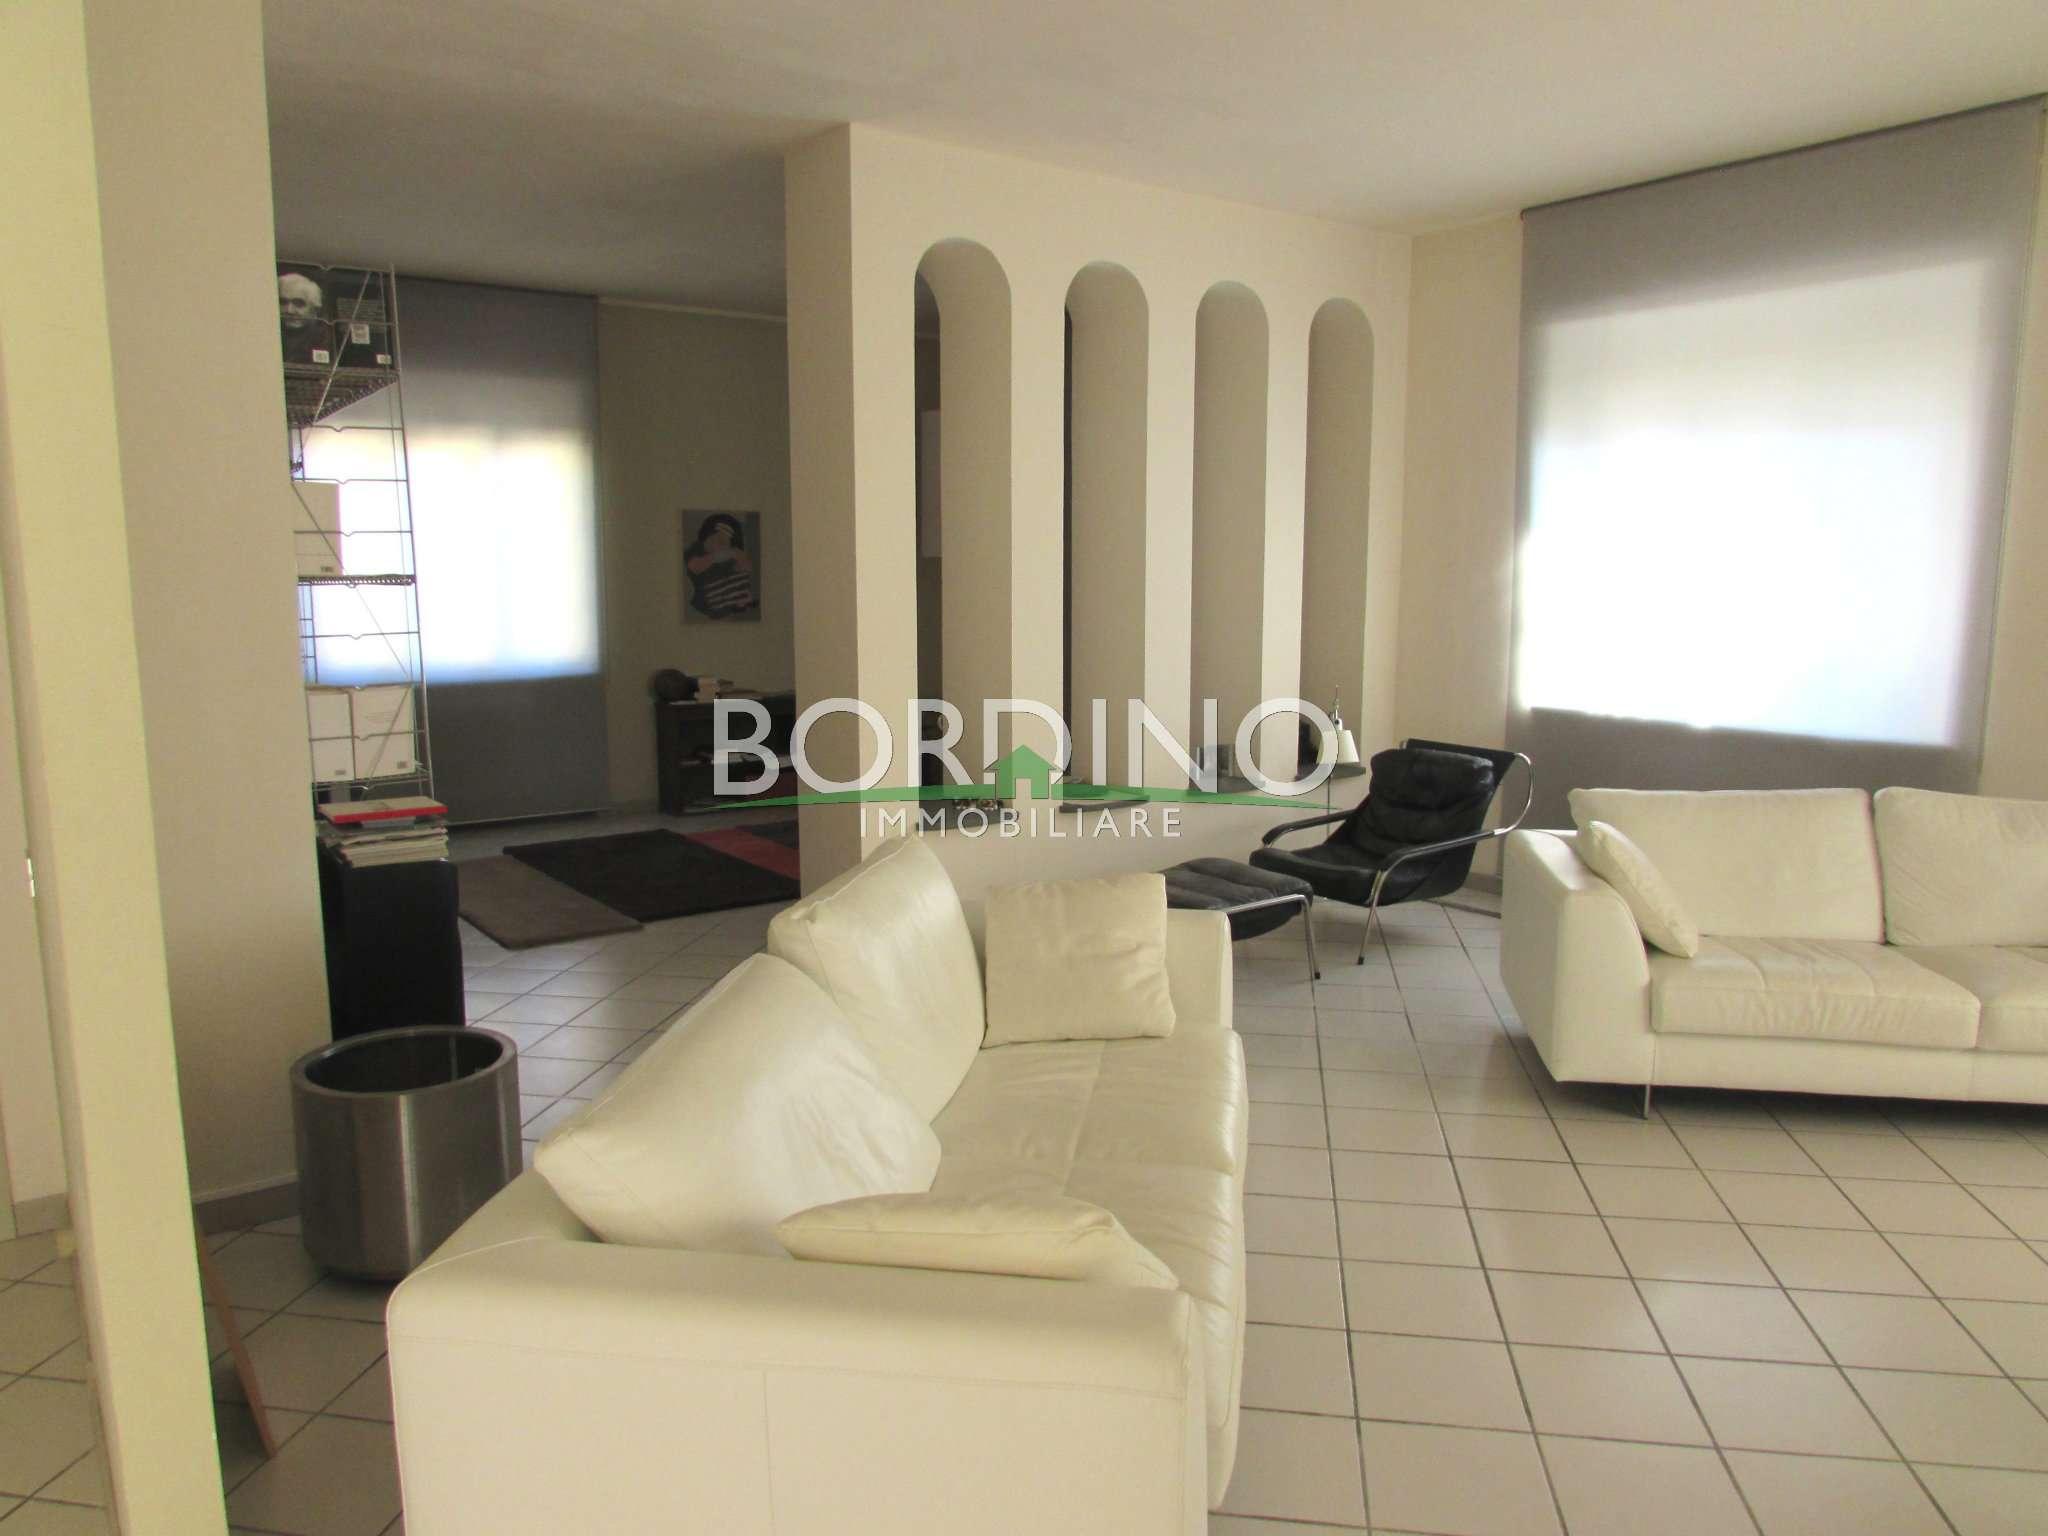 Villa in vendita a Govone, 4 locali, prezzo € 245.000 | CambioCasa.it